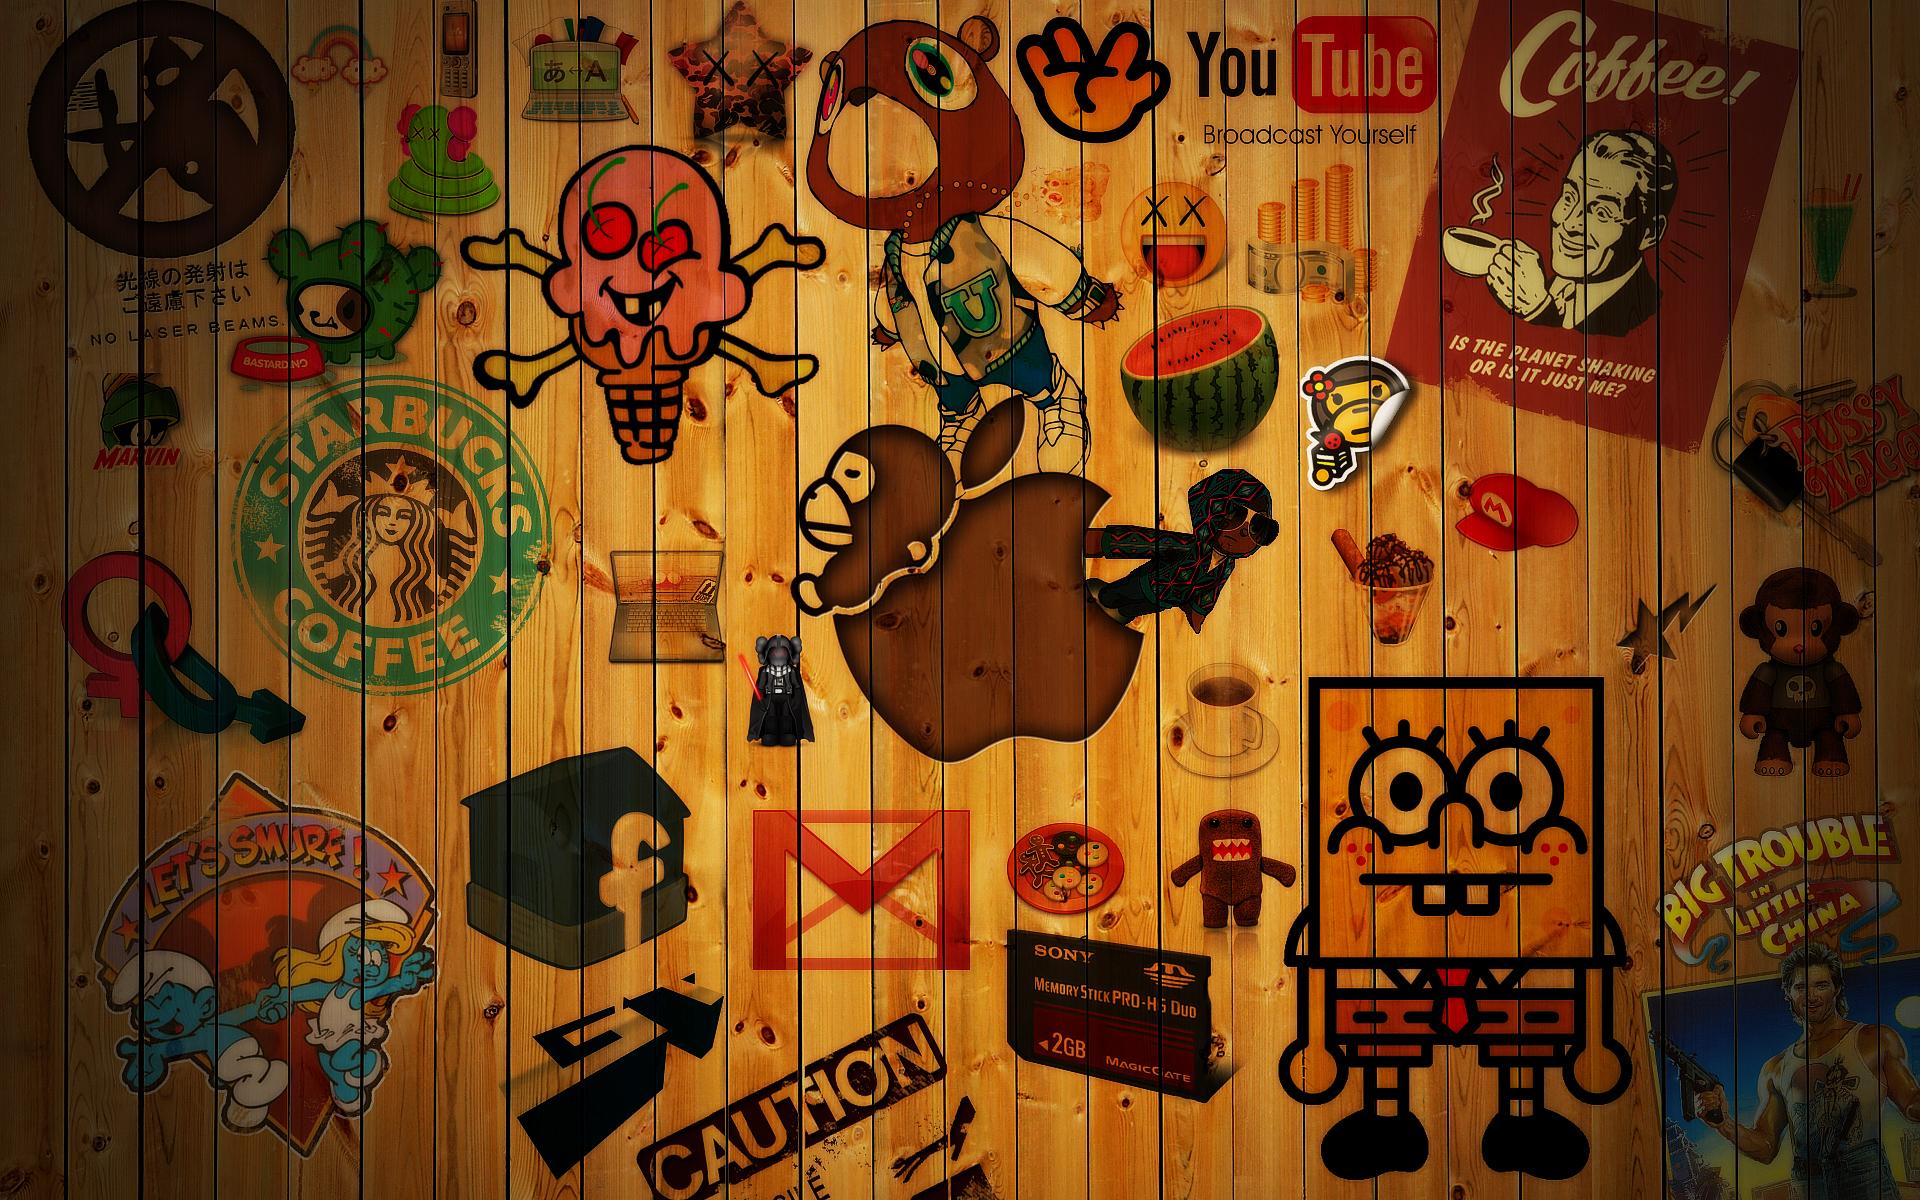 Web: Wood